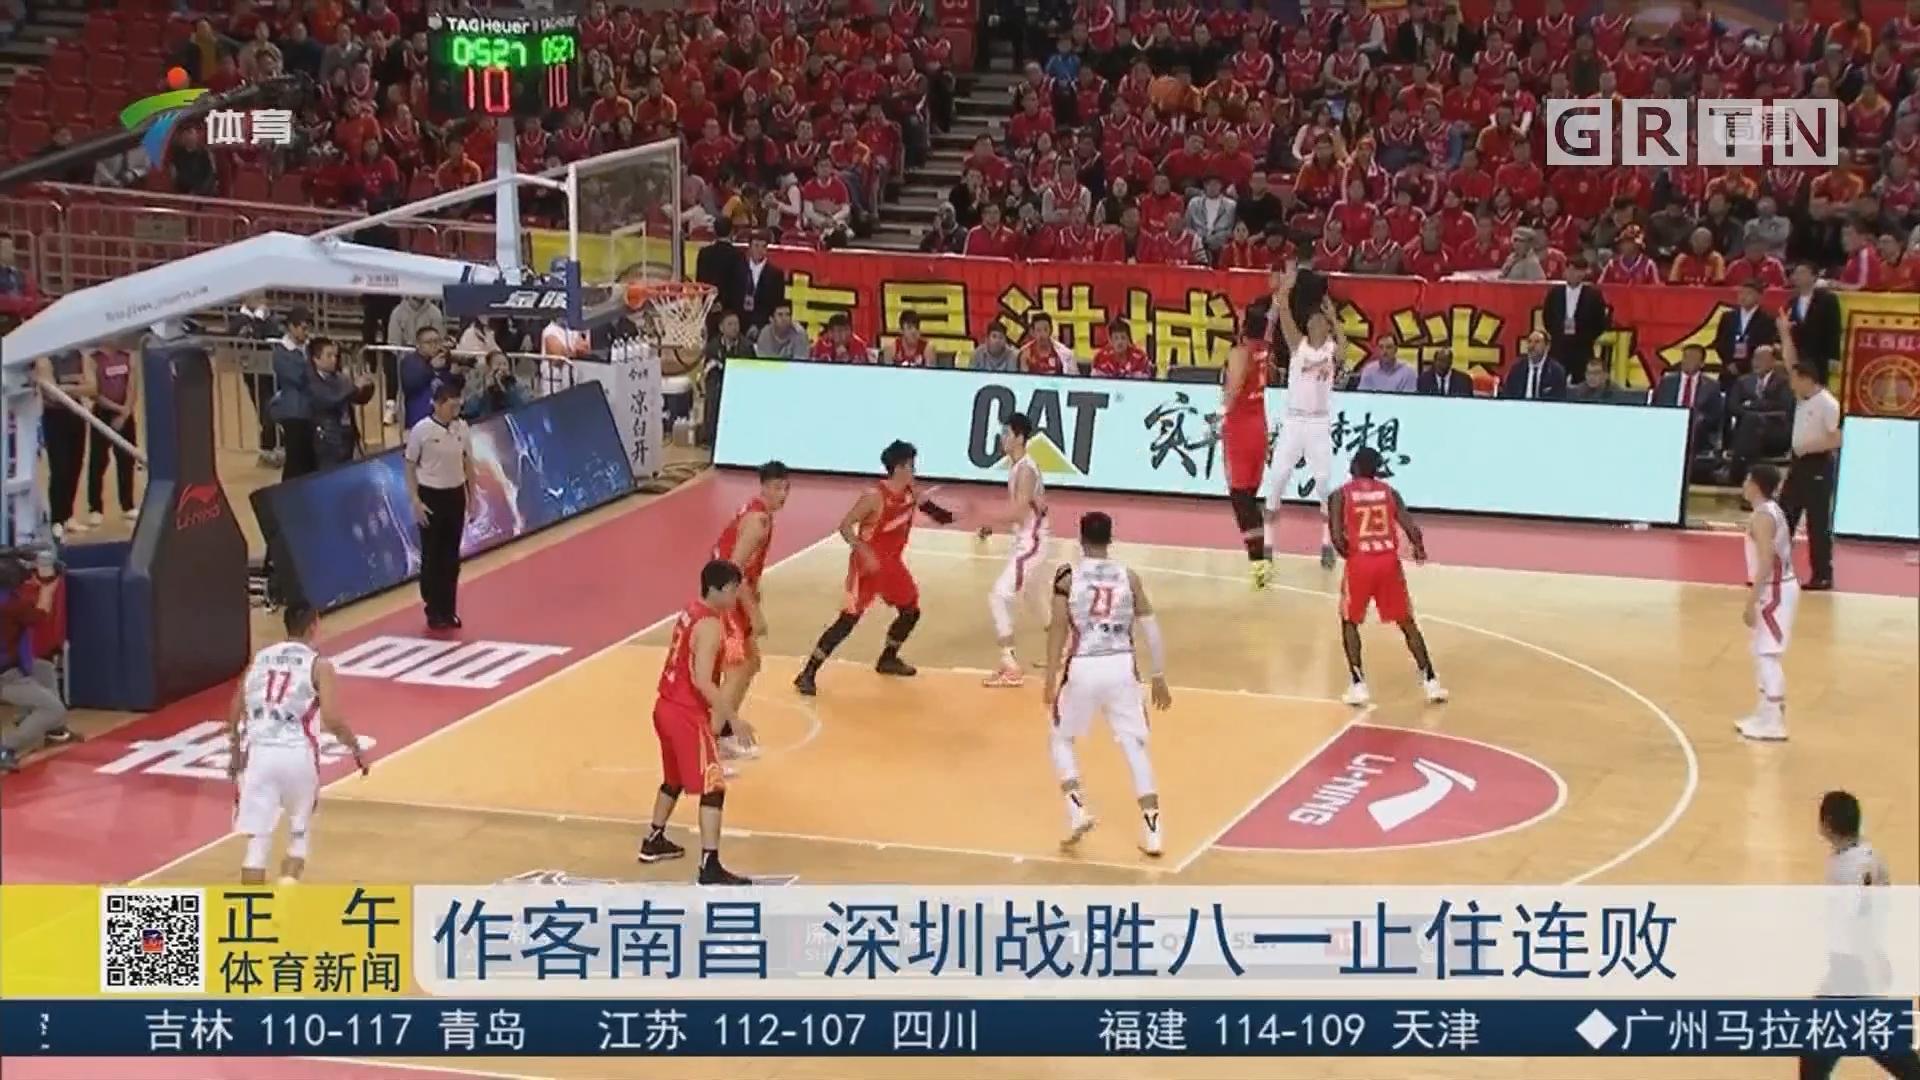 作客南昌 深圳战胜八一止住连败